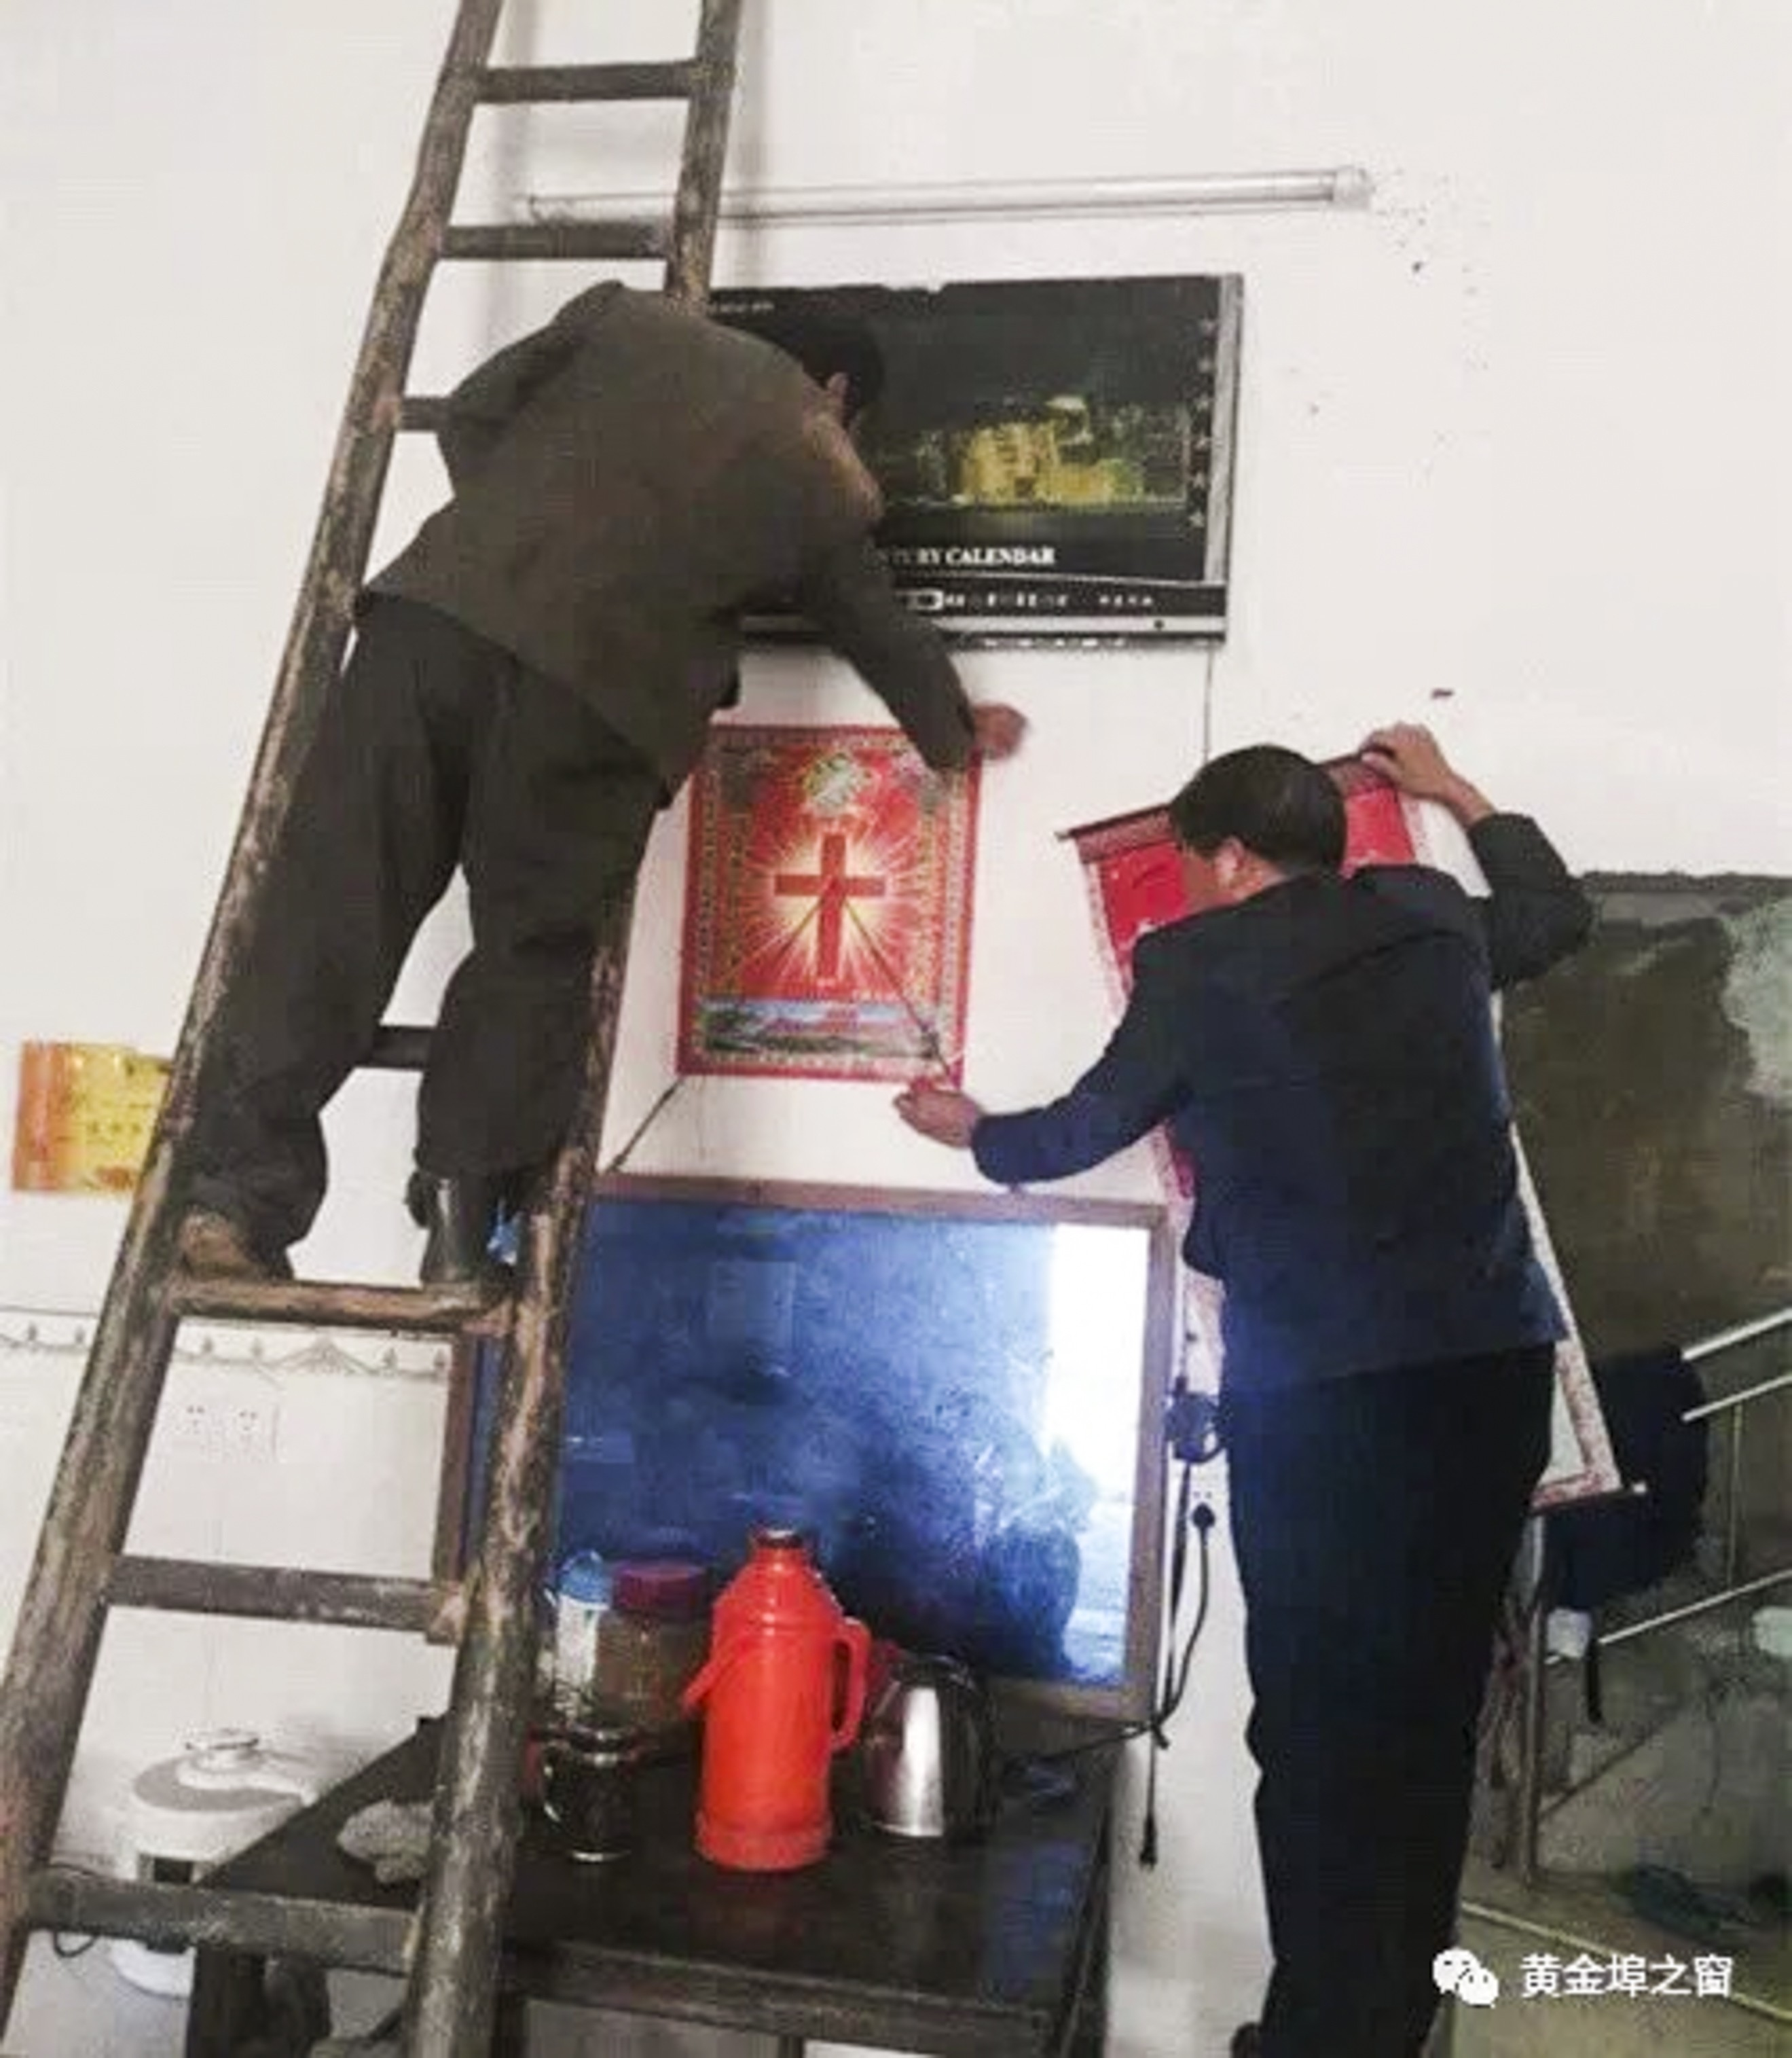 Warga Kristen Cina Diminta Ganti Foto Yesus dengan Gambar Jinping - 1